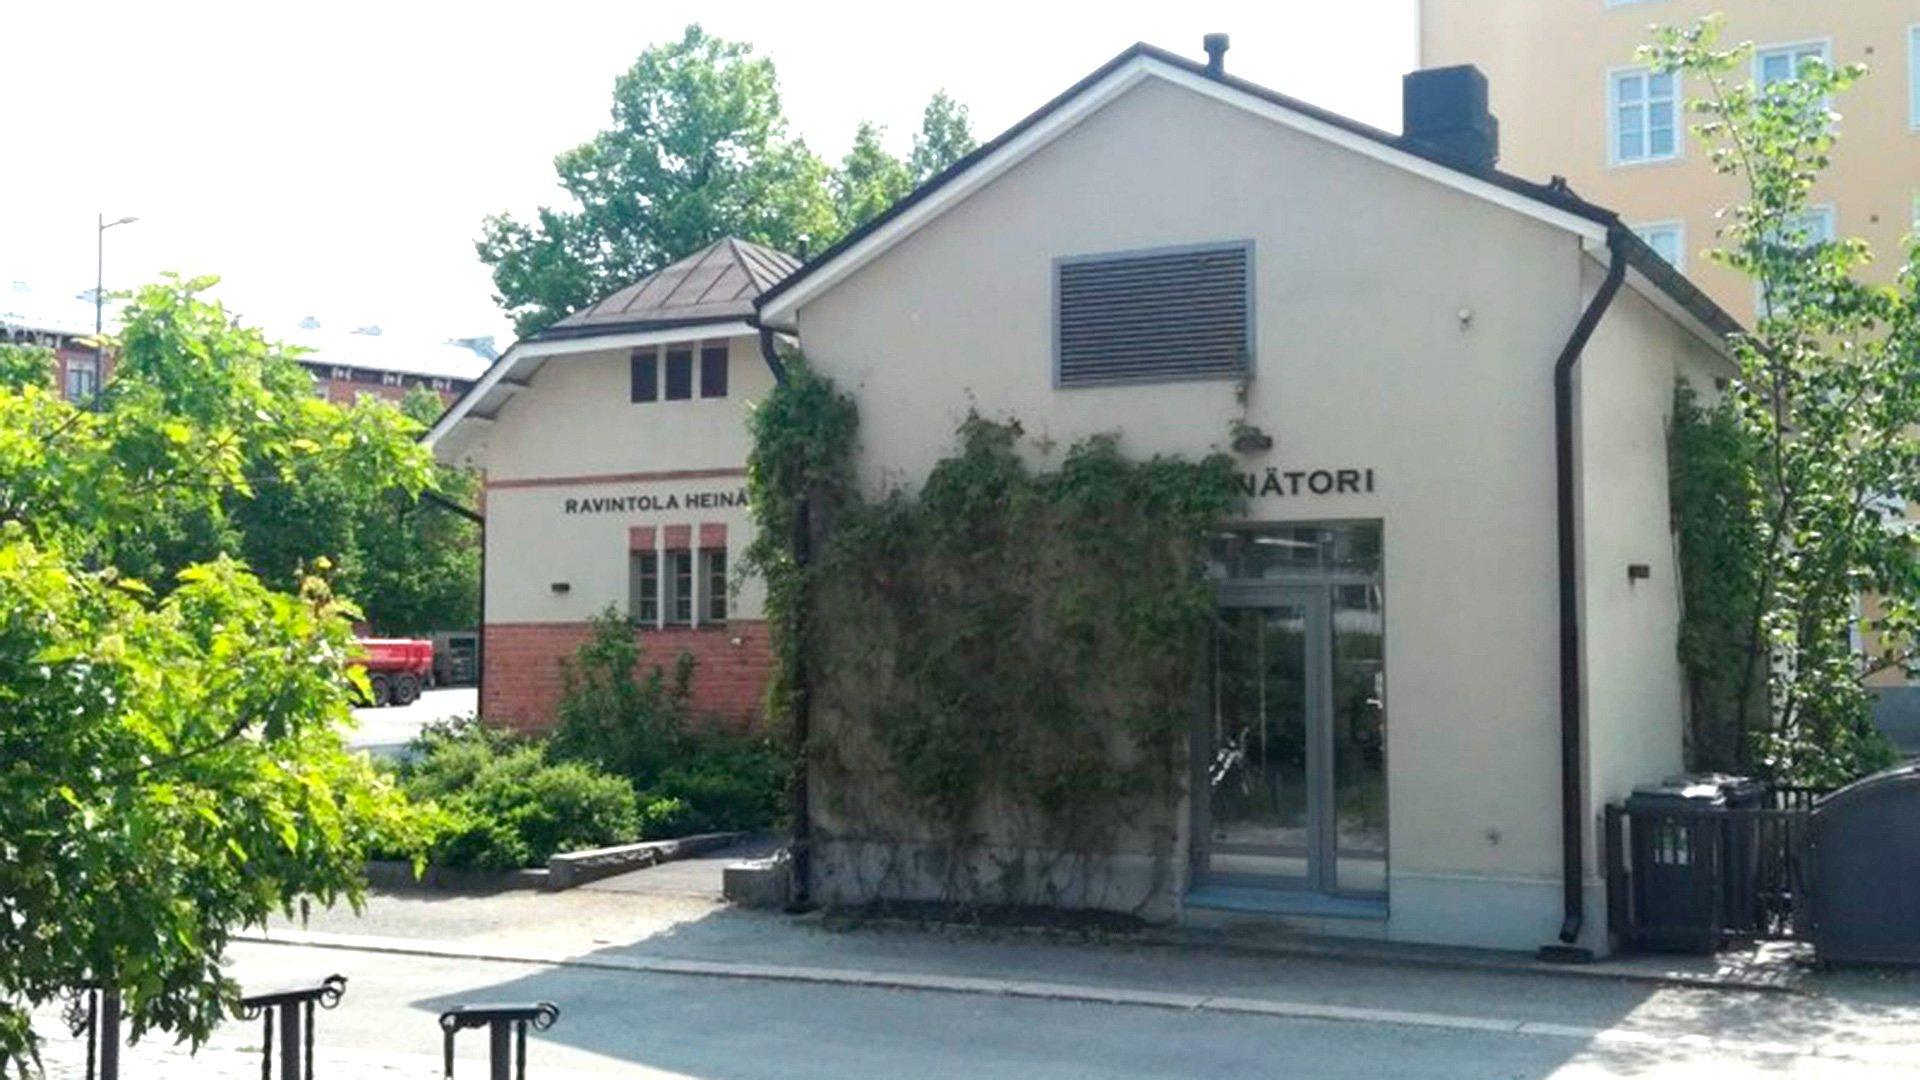 Pyynikintorin asemakaava, Tampere